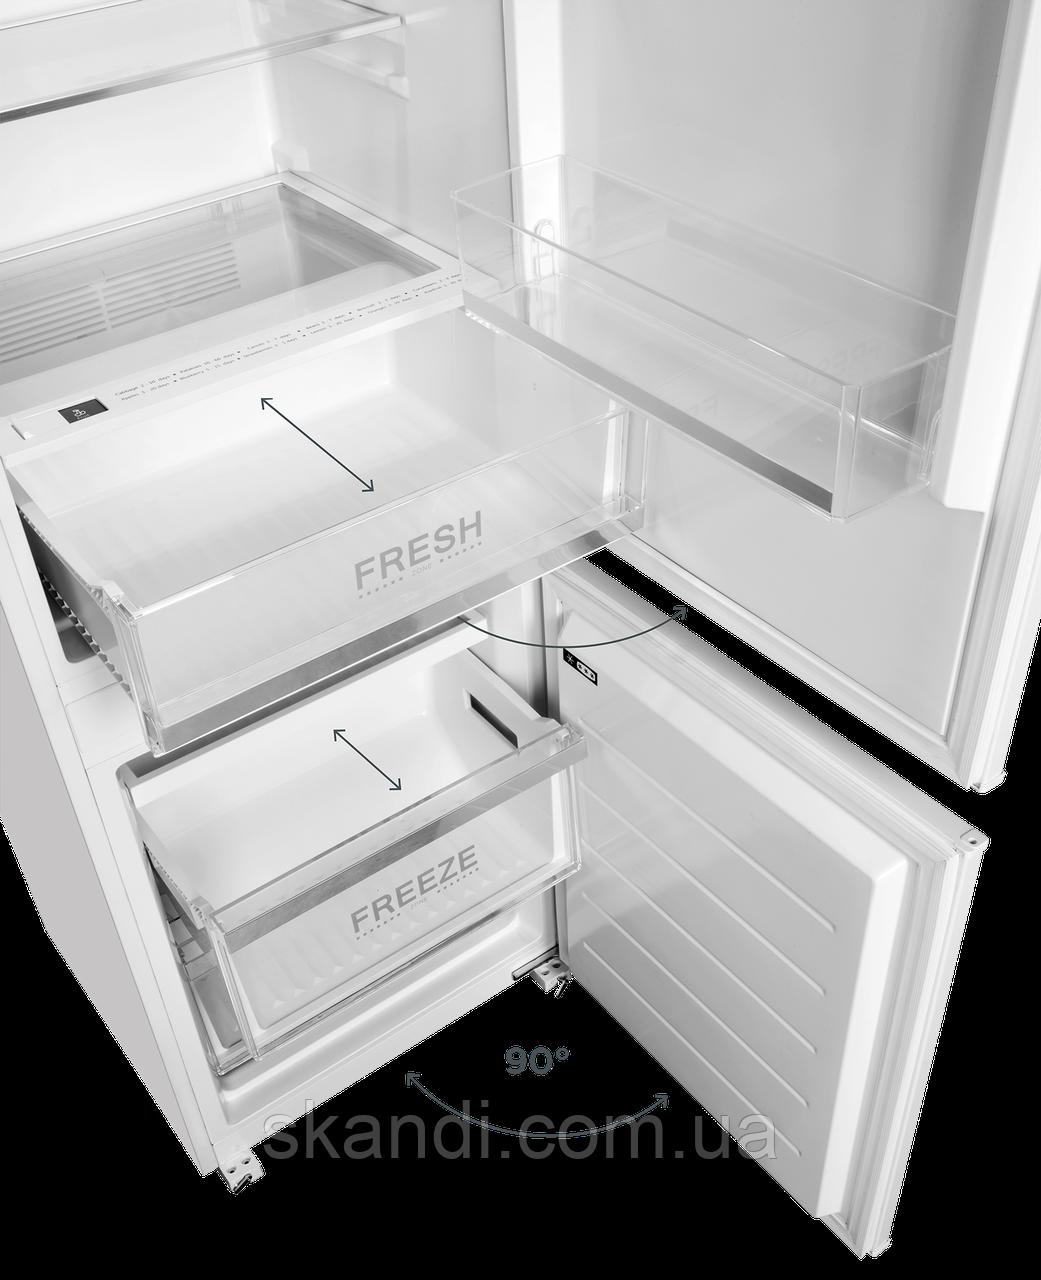 Встраиваемый двухкамерный холодильник Concept Premium (Оригинал) Чехия  LKV5260